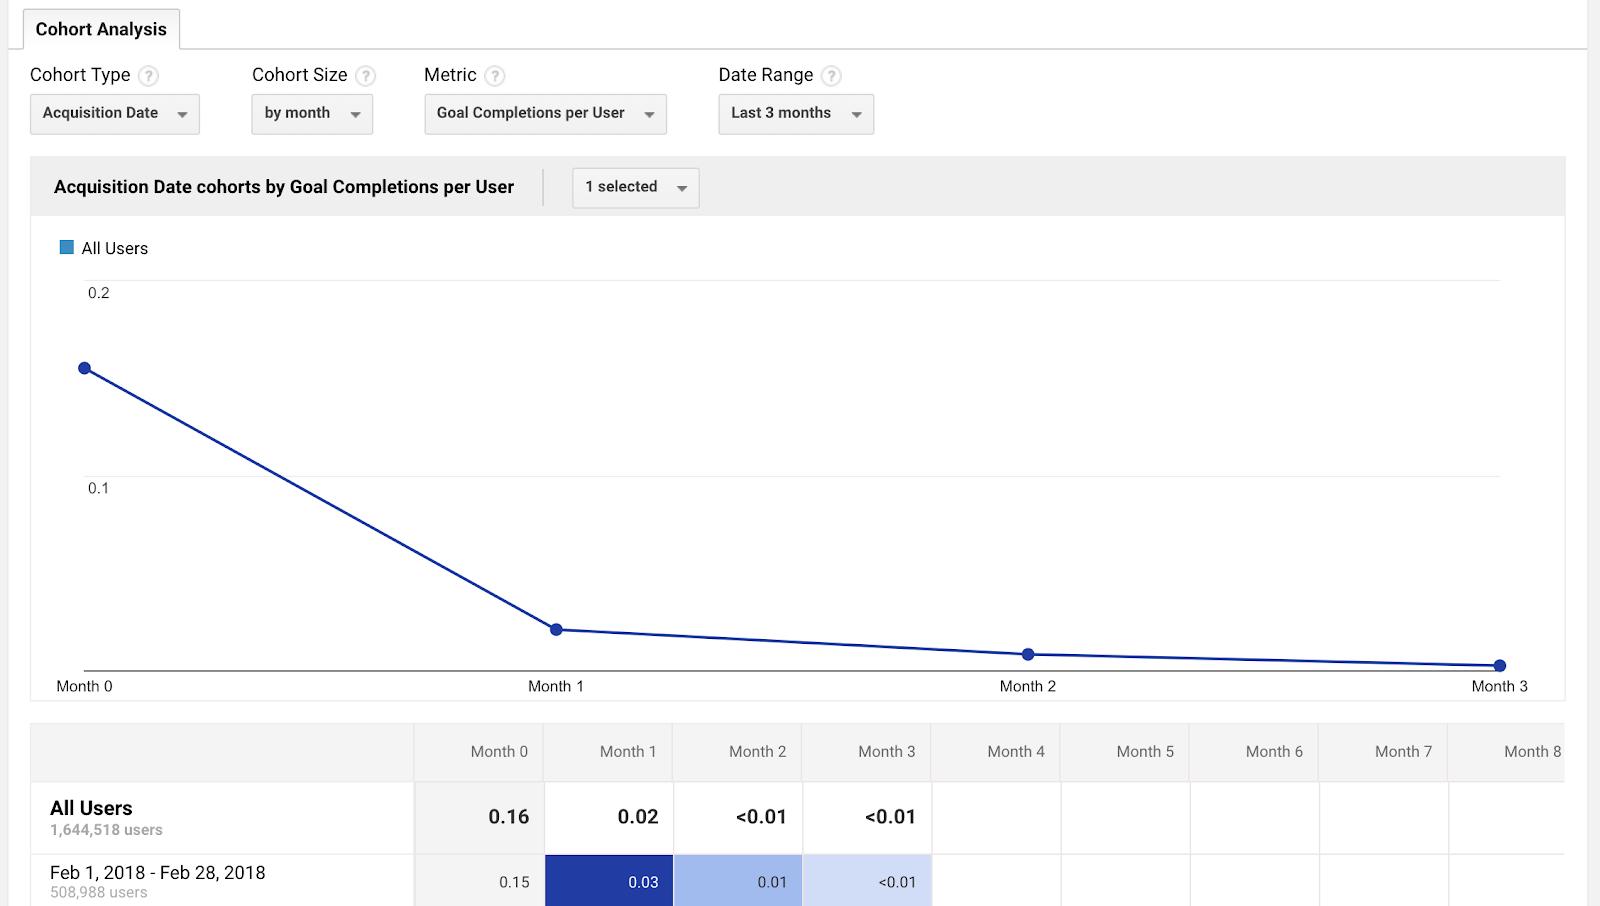 Cómo hacer un análisis de cohorte en Google Analytics para segmentar mejor tu tráfico - cOFdv9snNQpjhPljeG6CQu8lmJKam6drctWAiWcCWNIXnTmHxsvmiwya2naRKwfbu egyWUadBGJtLwxJGIqLplZdwJg5jpboqANbDTTmQjO7WDlg7J6 dJ44WFwQcc8idZA4YJz